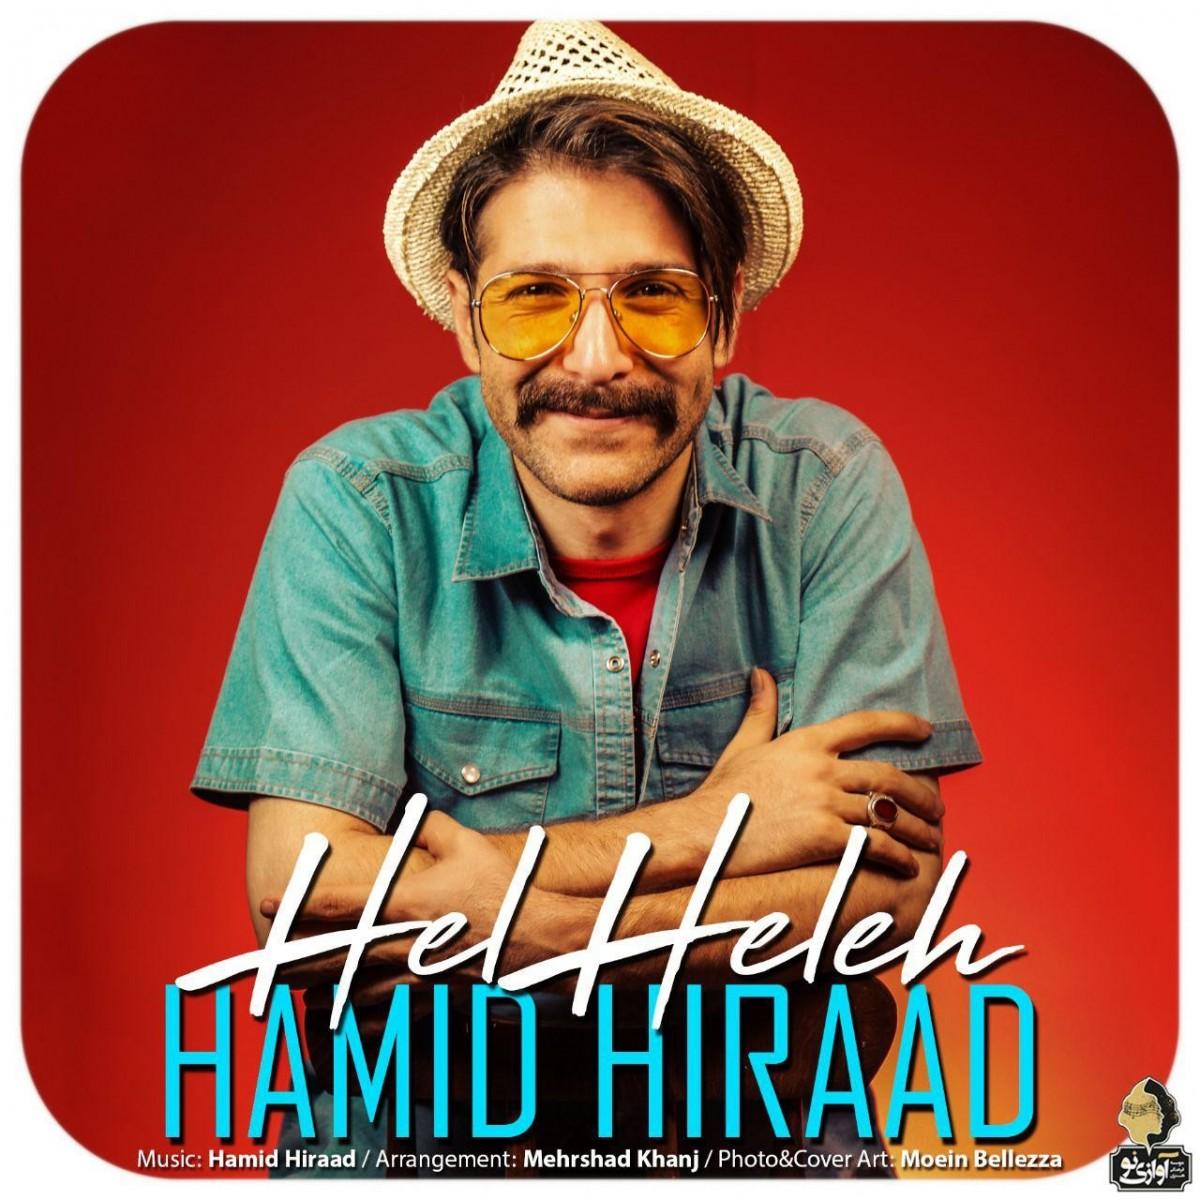 نامبر وان موزیک | دانلود آهنگ جدید Hamid-Hiraad-Helhele